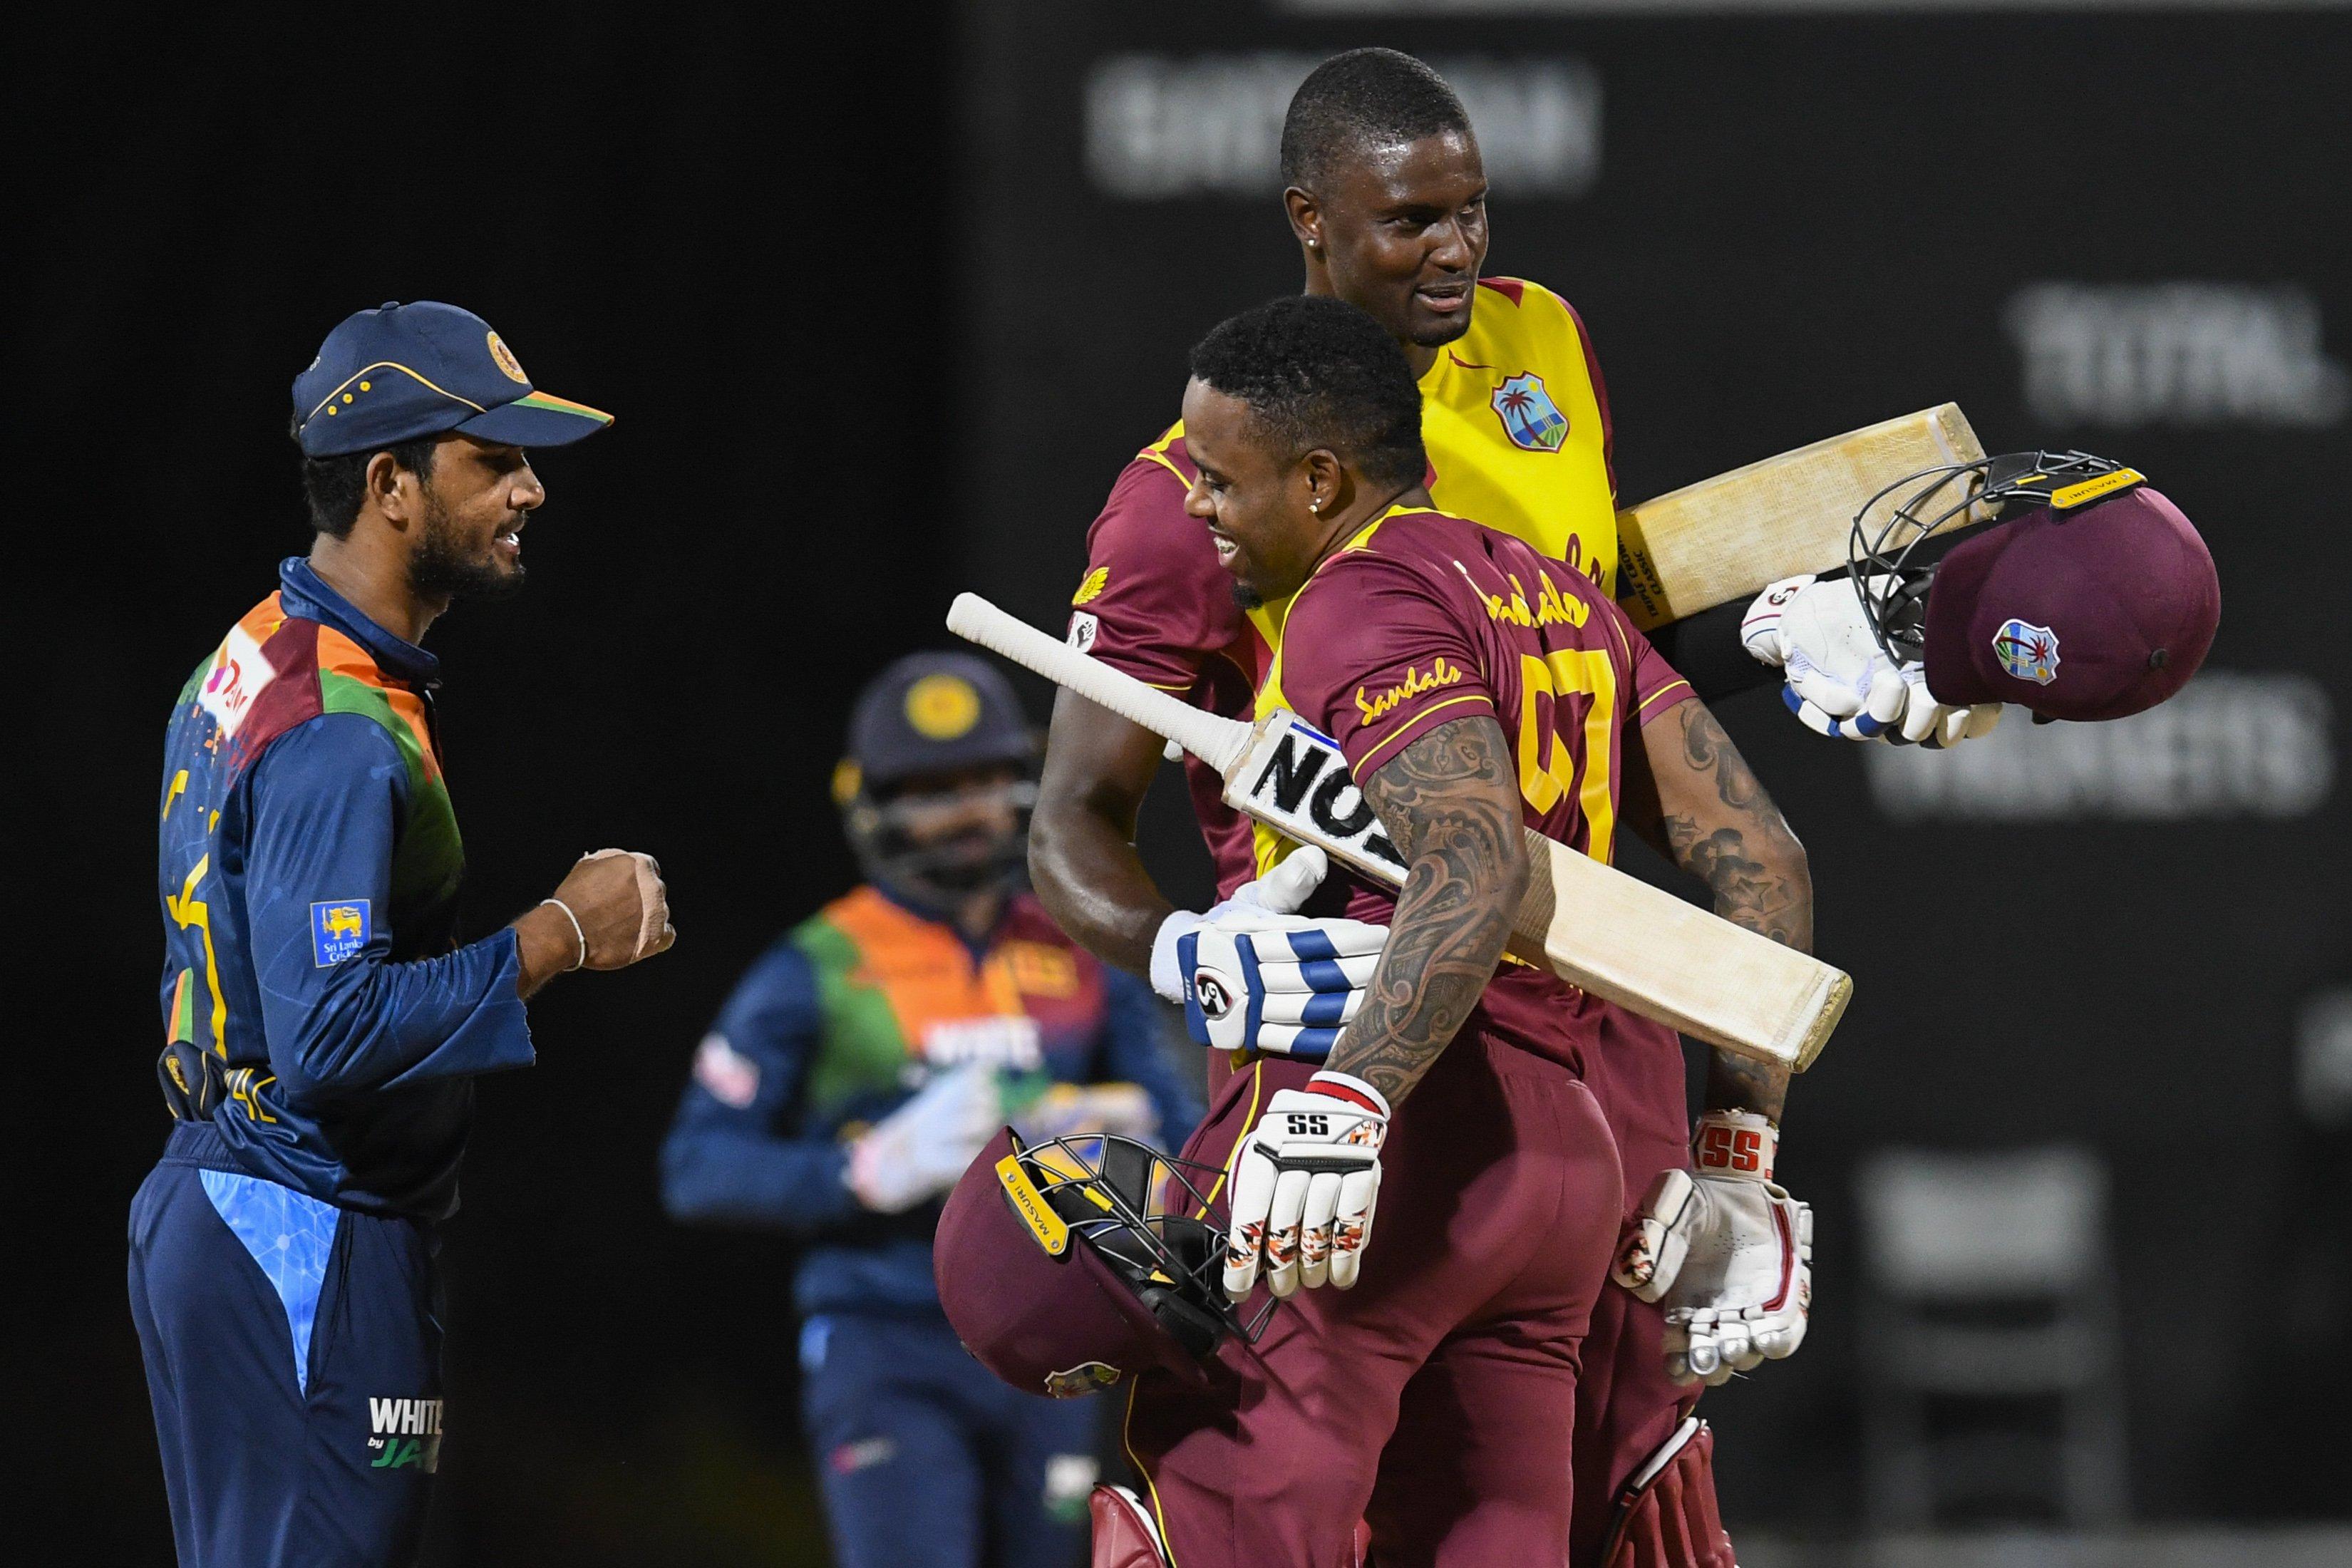 Fabian Allen Jason Holder - 3rd T20I - Sri Lanka